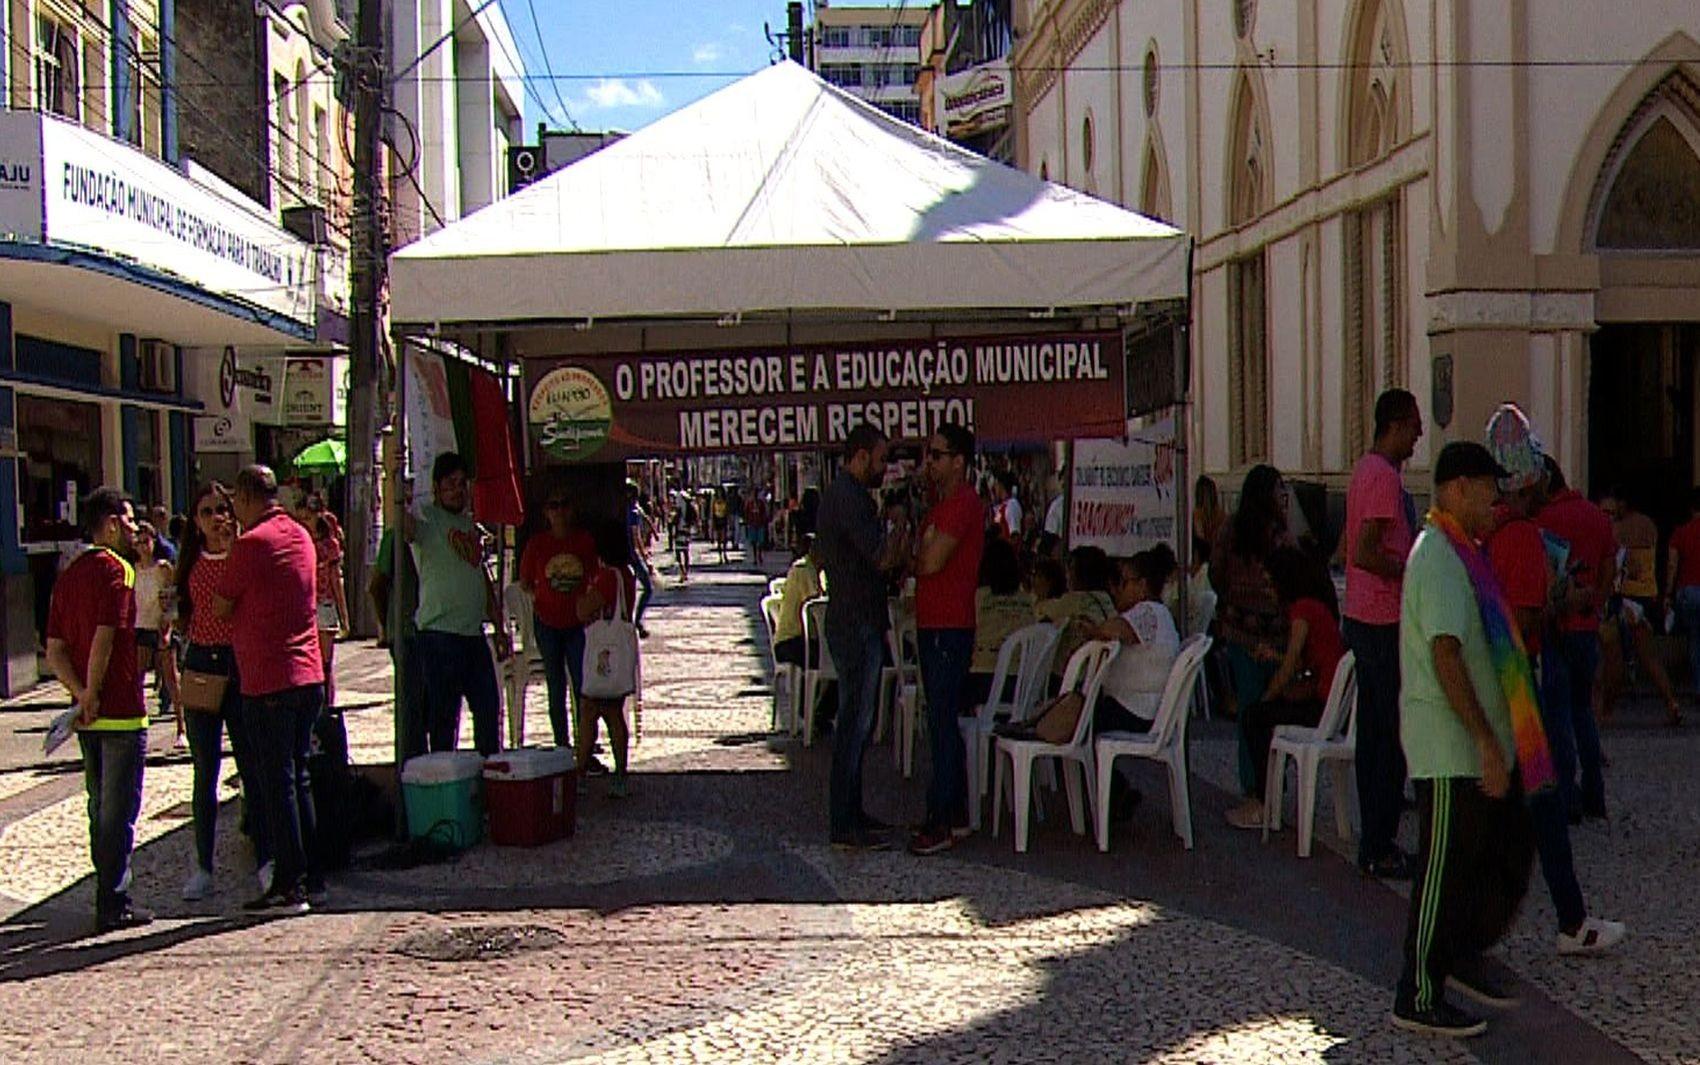 Professores paralisam e cerca de 30 mil alunos ficam sem aula em Aracaju nesta quarta-feira - Notícias - Plantão Diário